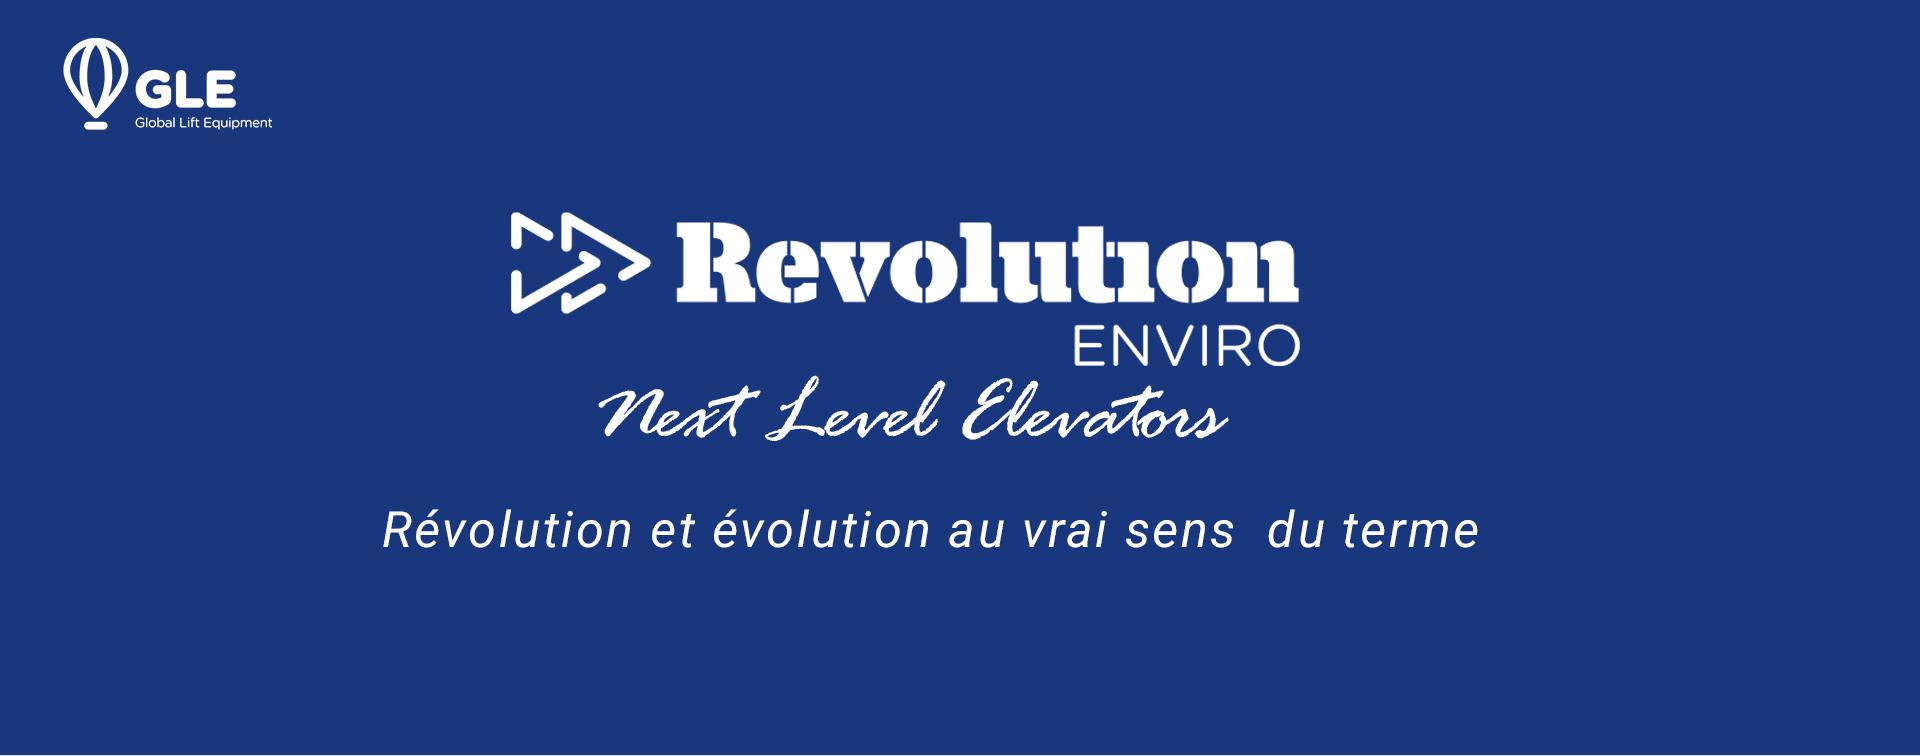 Révolution et évolution au vrai sens  du terme : Enviro REVOLUTION